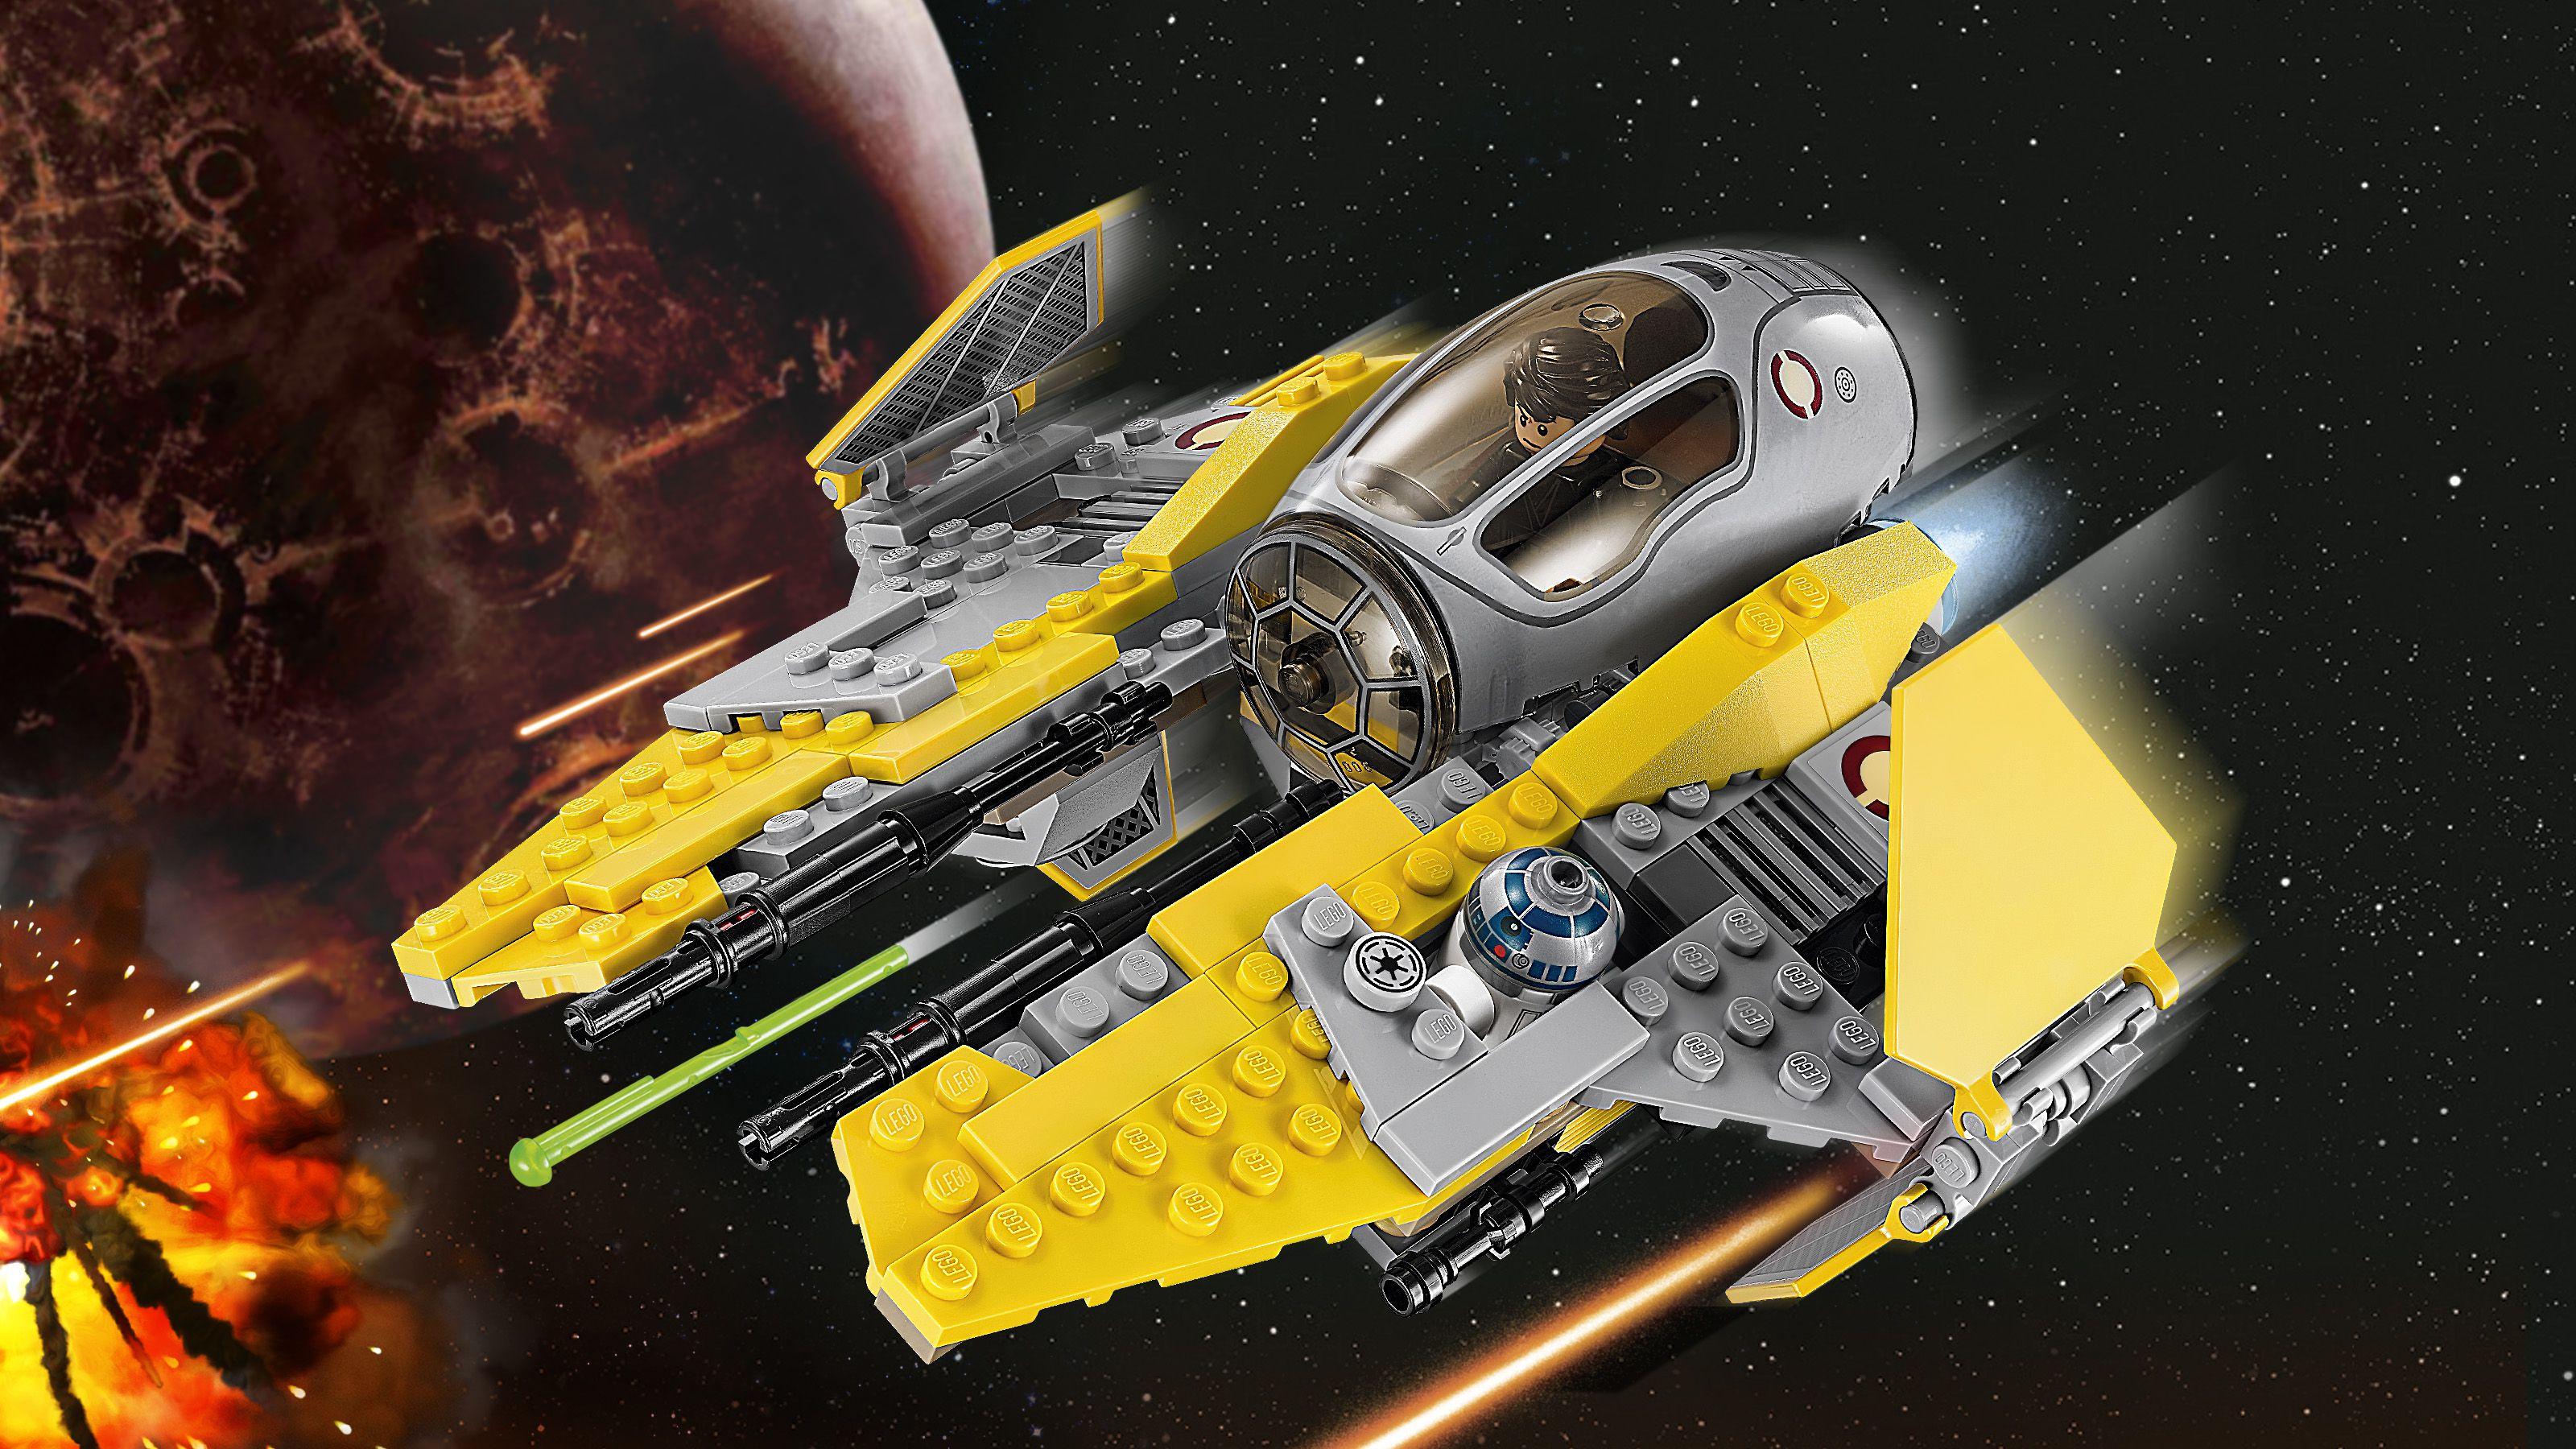 Lego star wars 75038 intercepteur jedi achat vente - Lego star wars vaisseau anakin ...